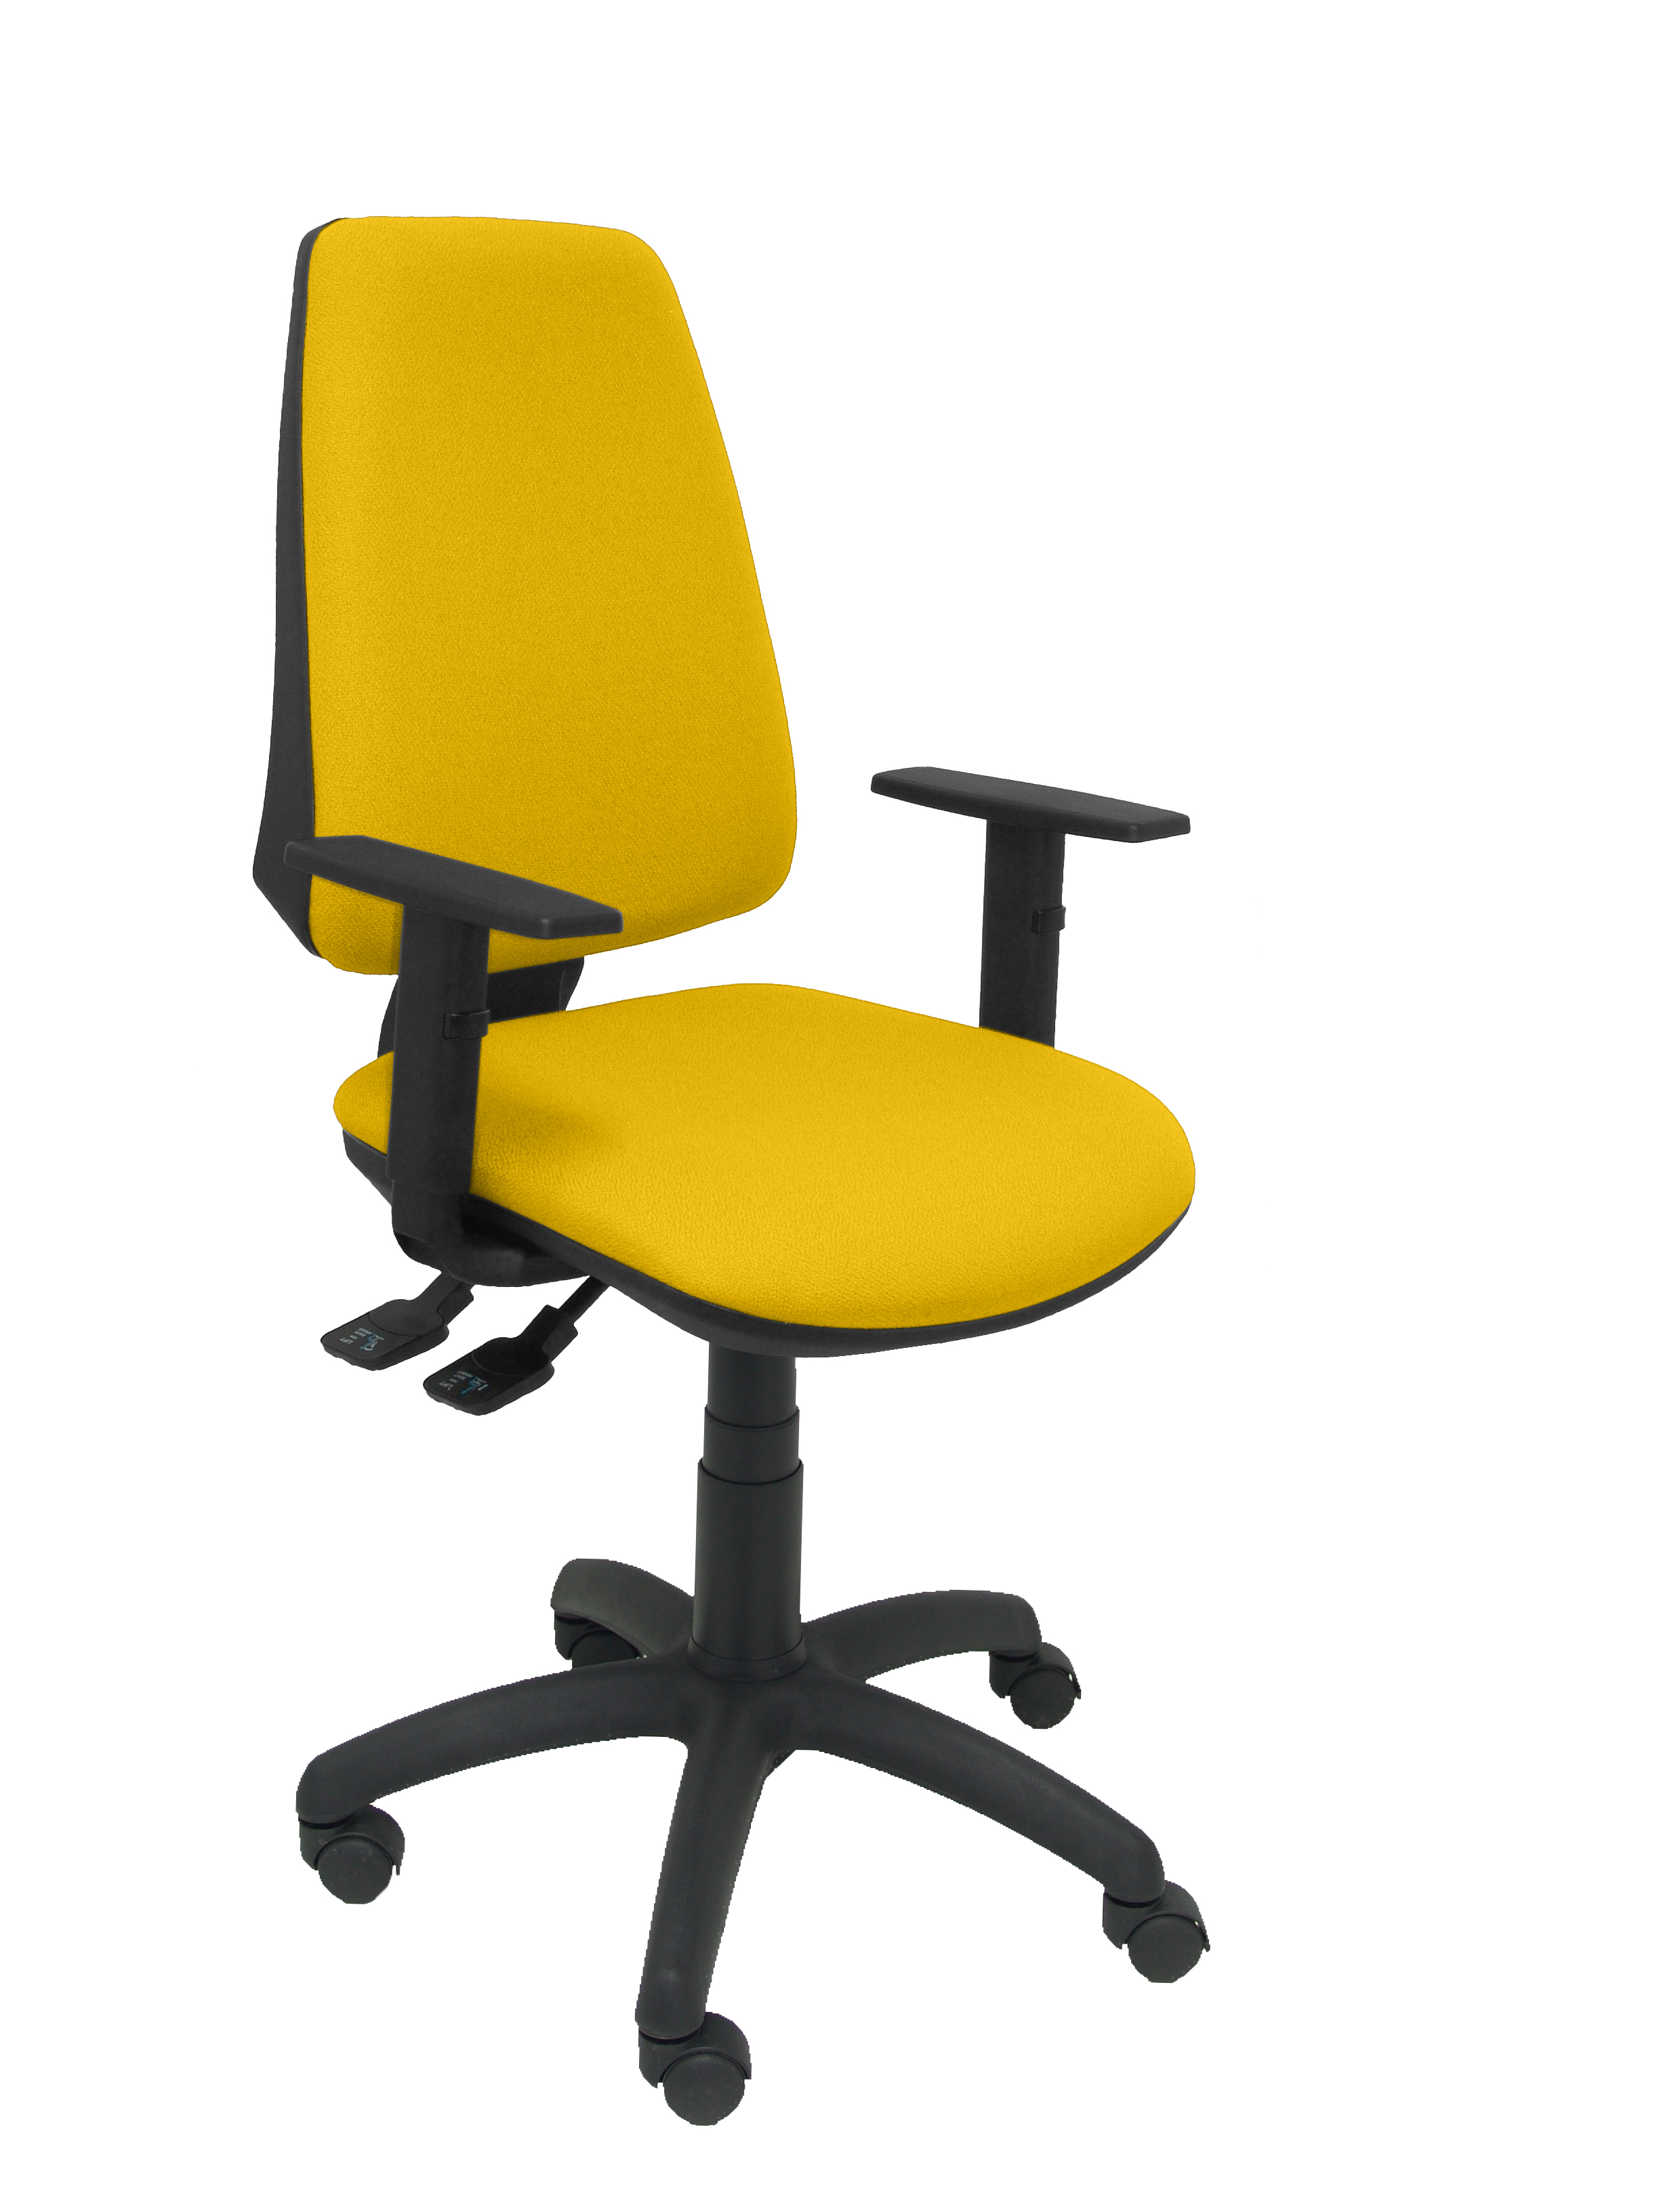 Silla Elche S bali amarillo brazos regulables